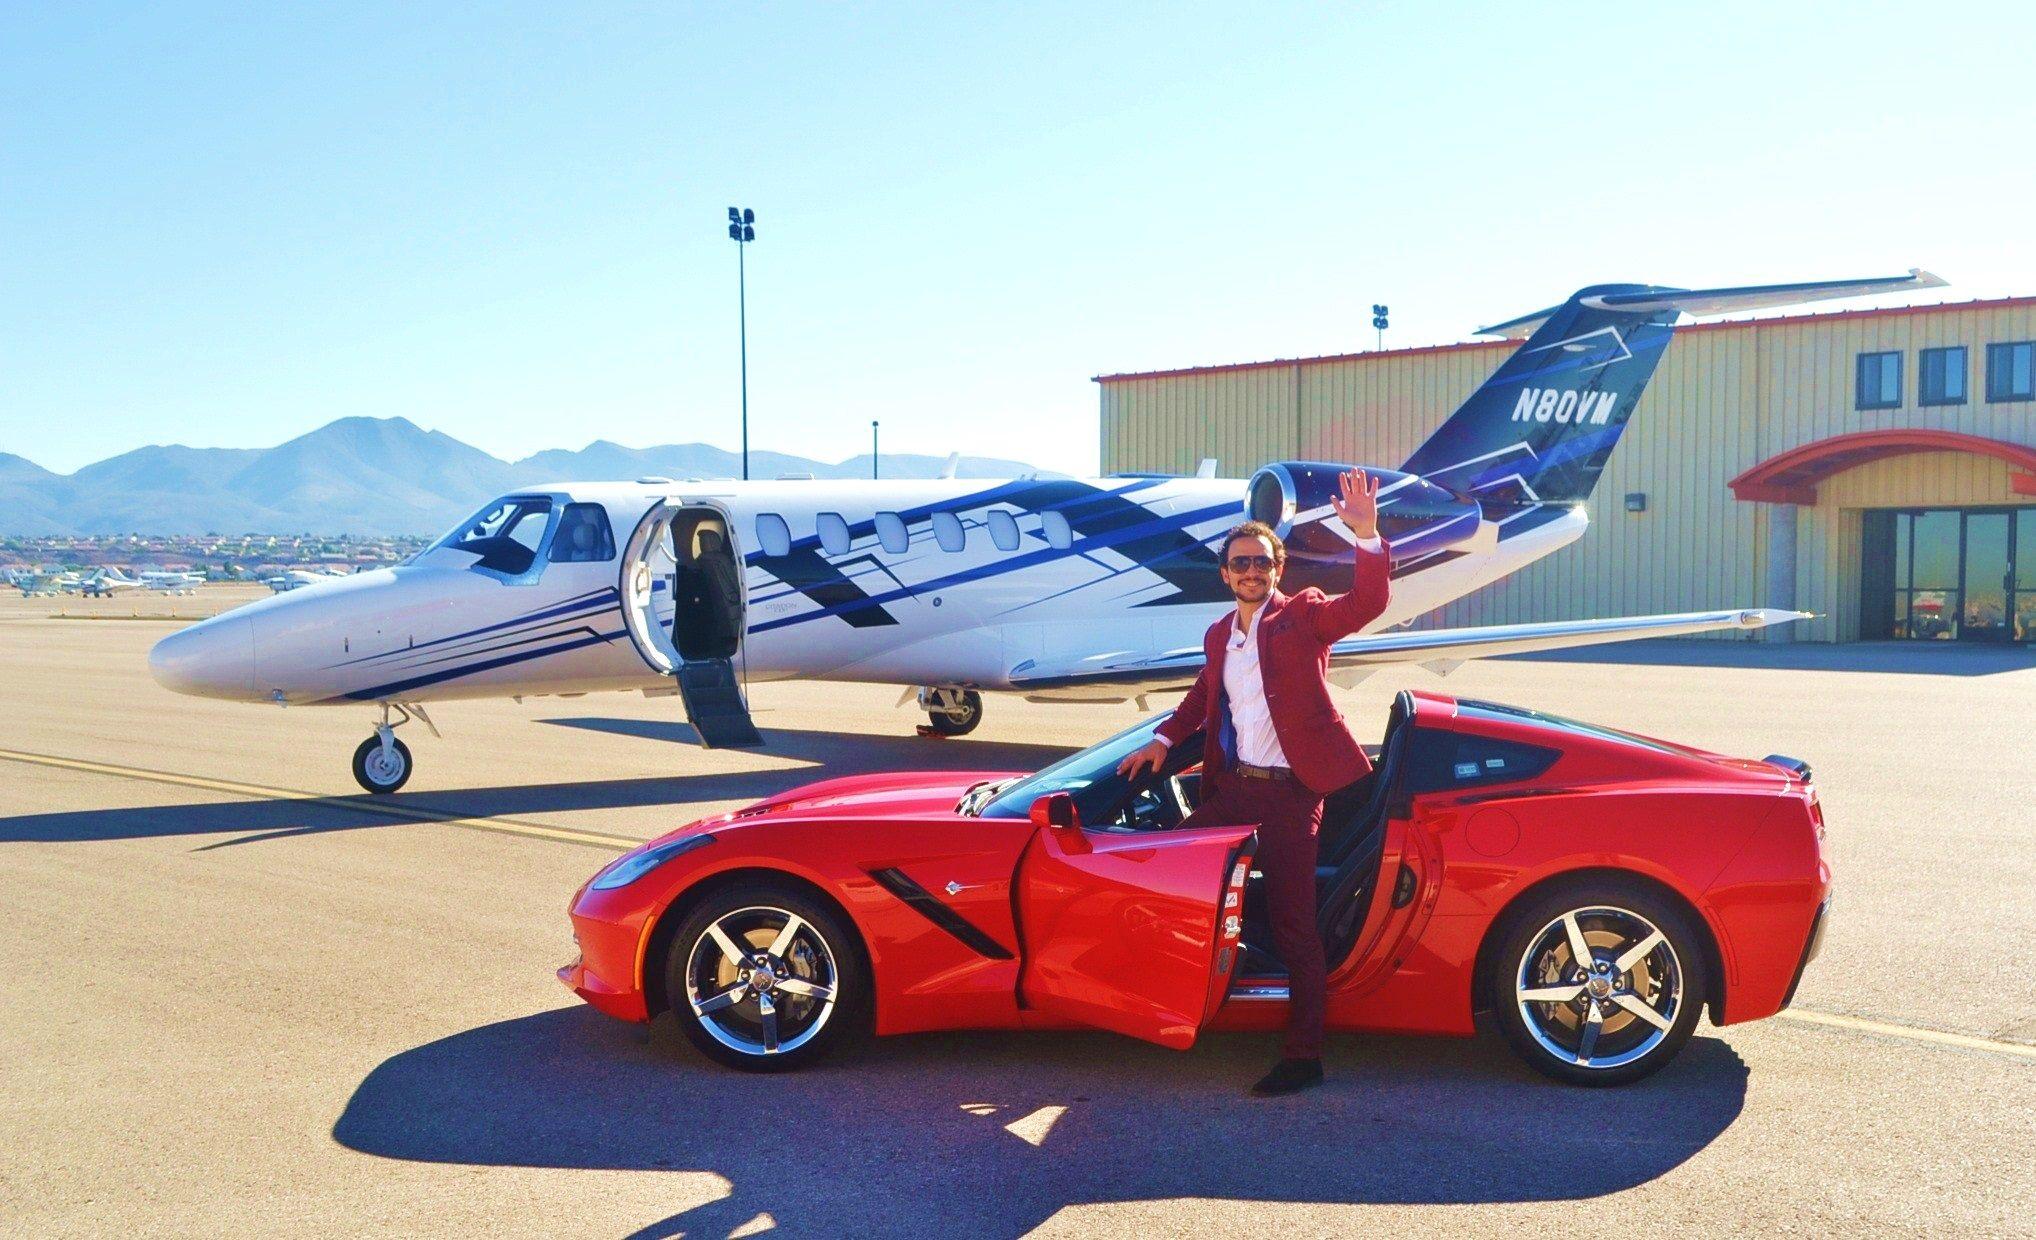 Private Jet for Social Media